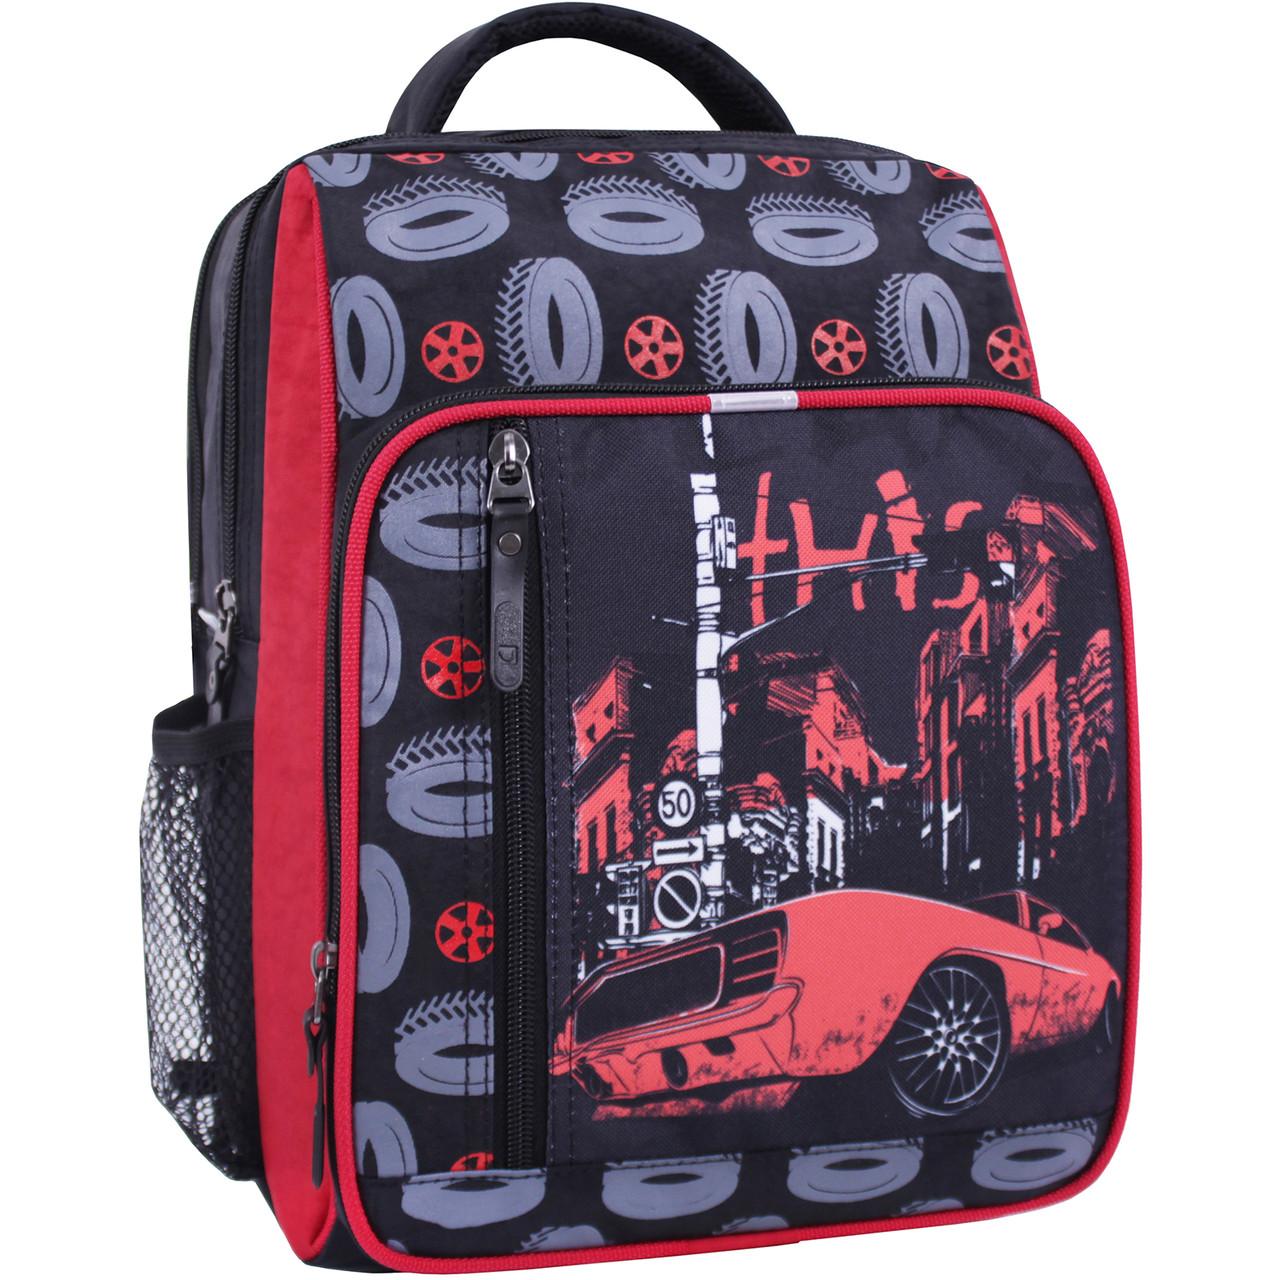 Рюкзак школьный Bagland Школьник 8 л. черный 568 (0012870)